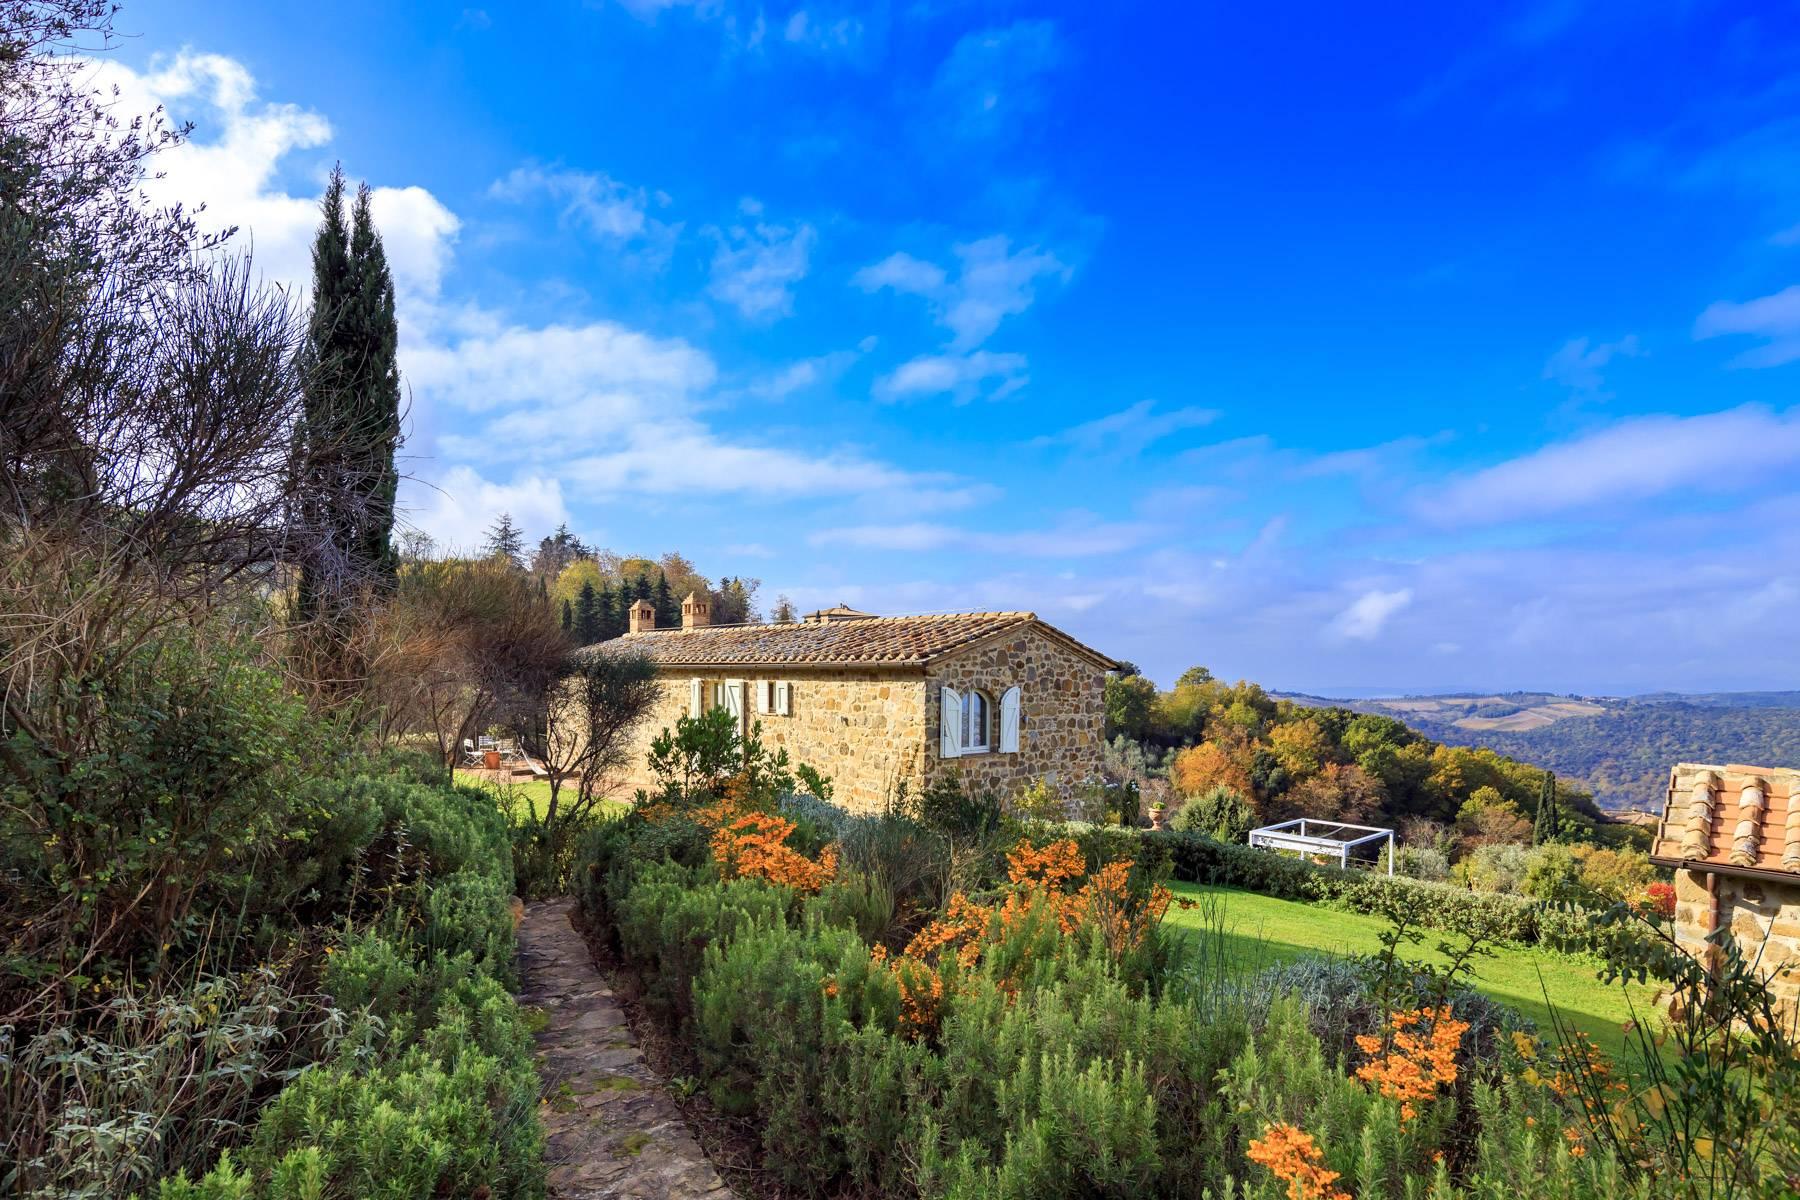 Rustico in Vendita a Montalcino: 5 locali, 300 mq - Foto 3